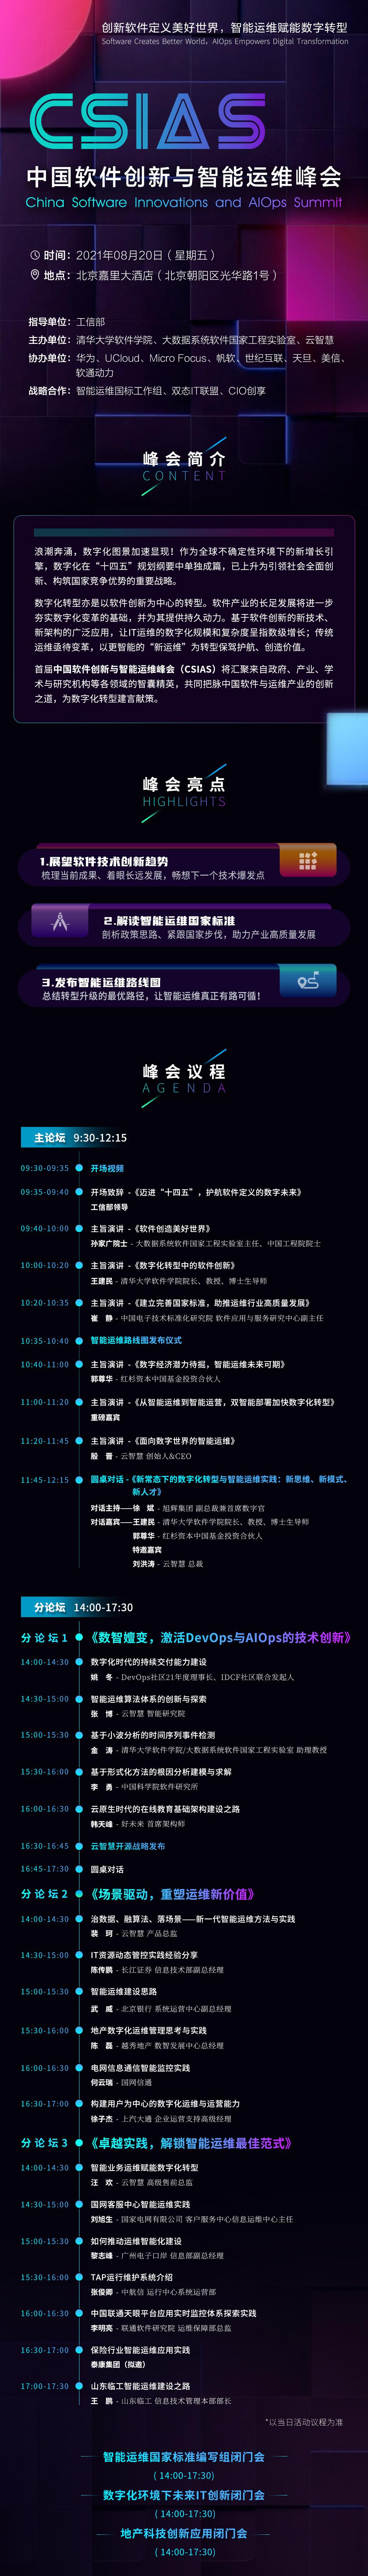 中国软件创新与智能运维峰会(CSIAS)_门票优惠_活动家官网报名